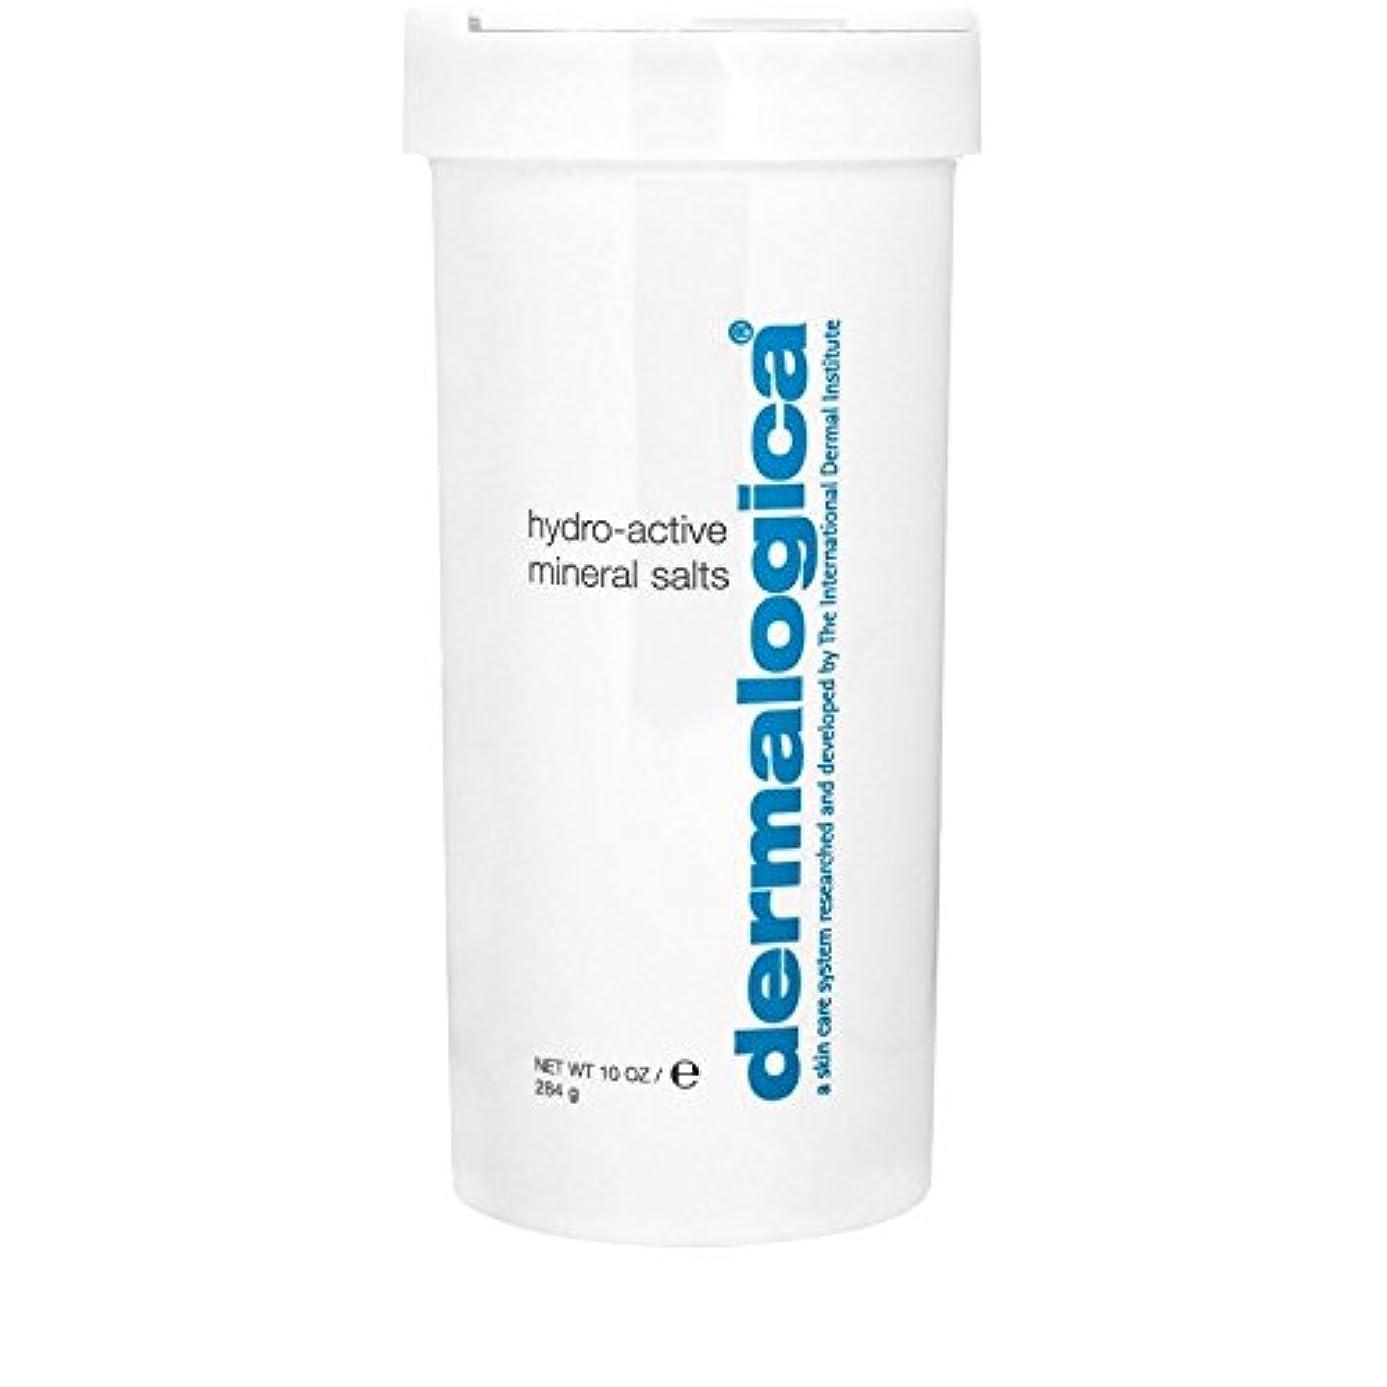 悪性腫瘍溶接技術者Dermalogica Hydro Active Mineral Salt 284g - ダーマロジカ水力アクティブミネラル塩284グラム [並行輸入品]